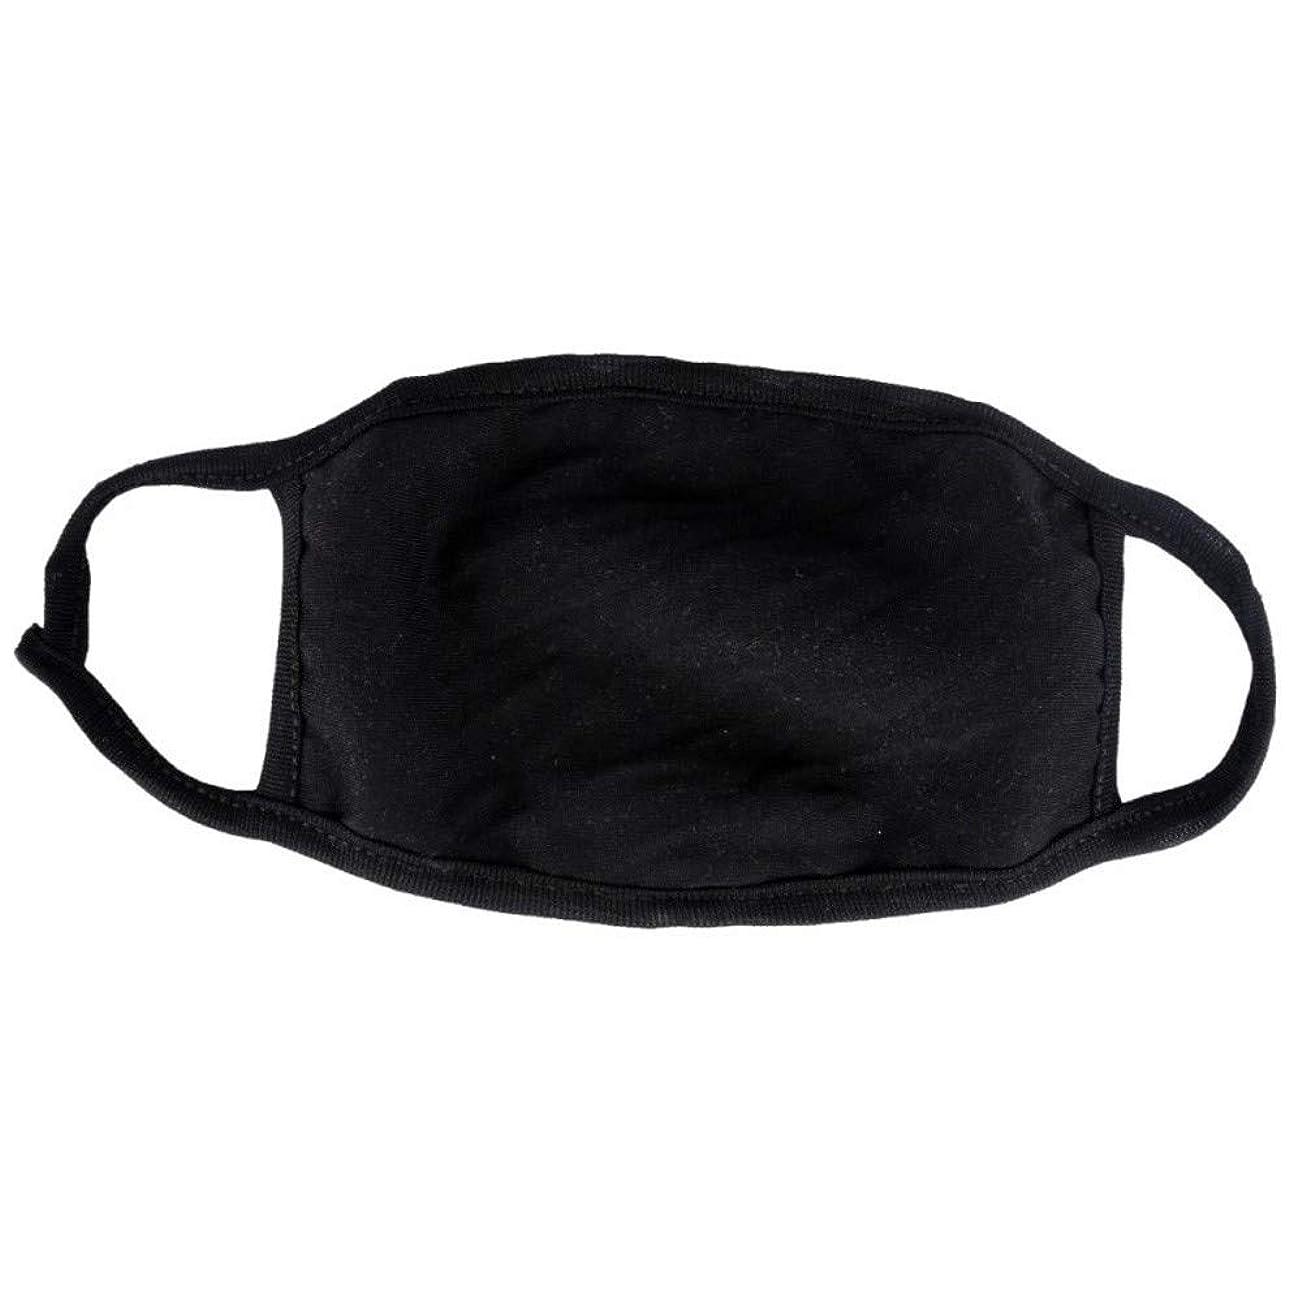 物理乳生き残りますEldori マスク 黒 3枚セット お洒落 メンズ レディース 春秋 薄いマスク 通気性良く 無地 3D超立マスク 3枚入り 洗濯できる 男女兼用 ユニセックス 通勤 通学 アウトドア 繰り返し使える マスク ブラックx3